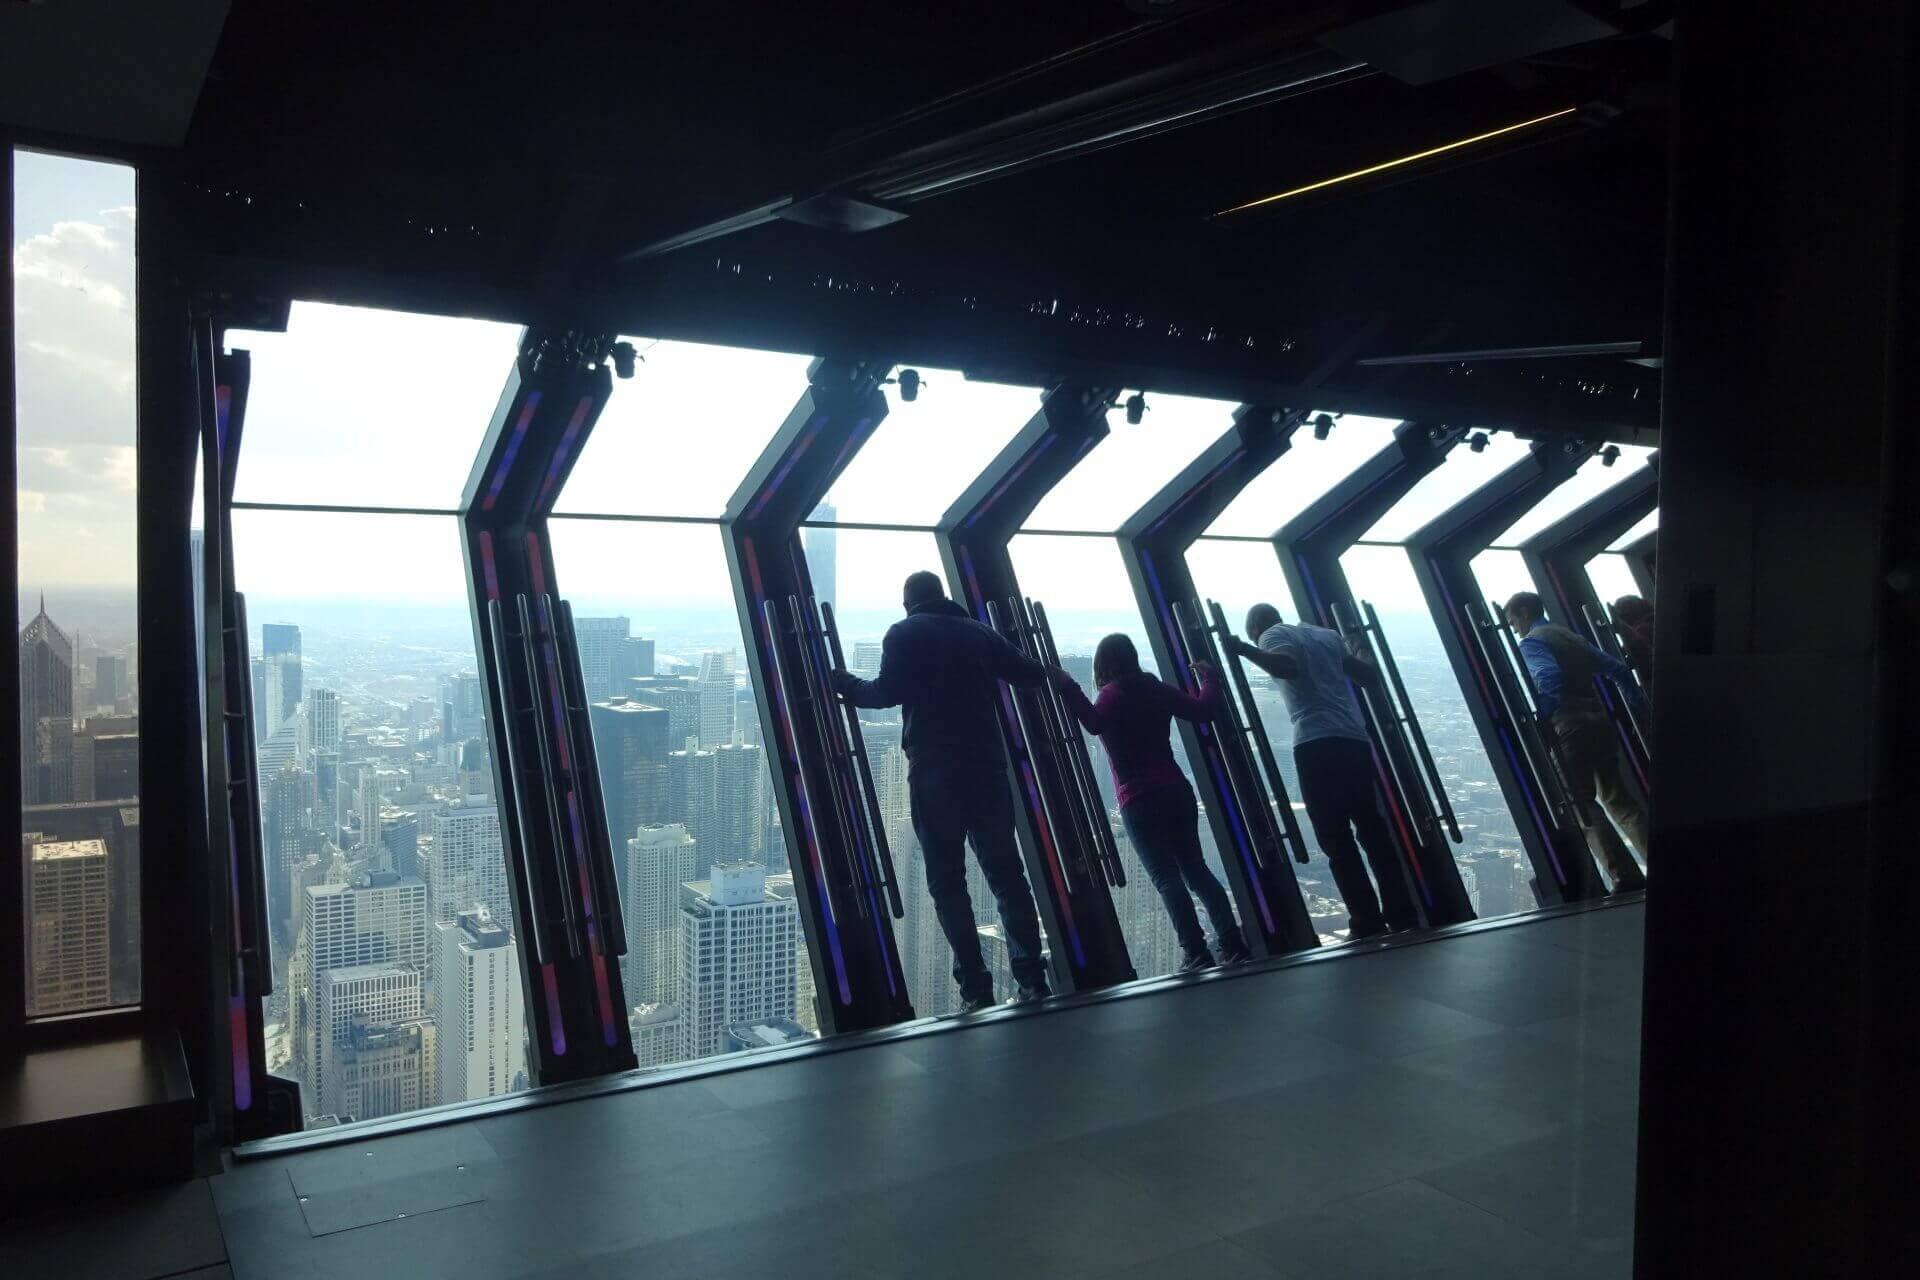 Observatory im 94. Stockwerk des John Hancock Center. Bilder und Eindrücke aus Chicago, Illinois, United States.